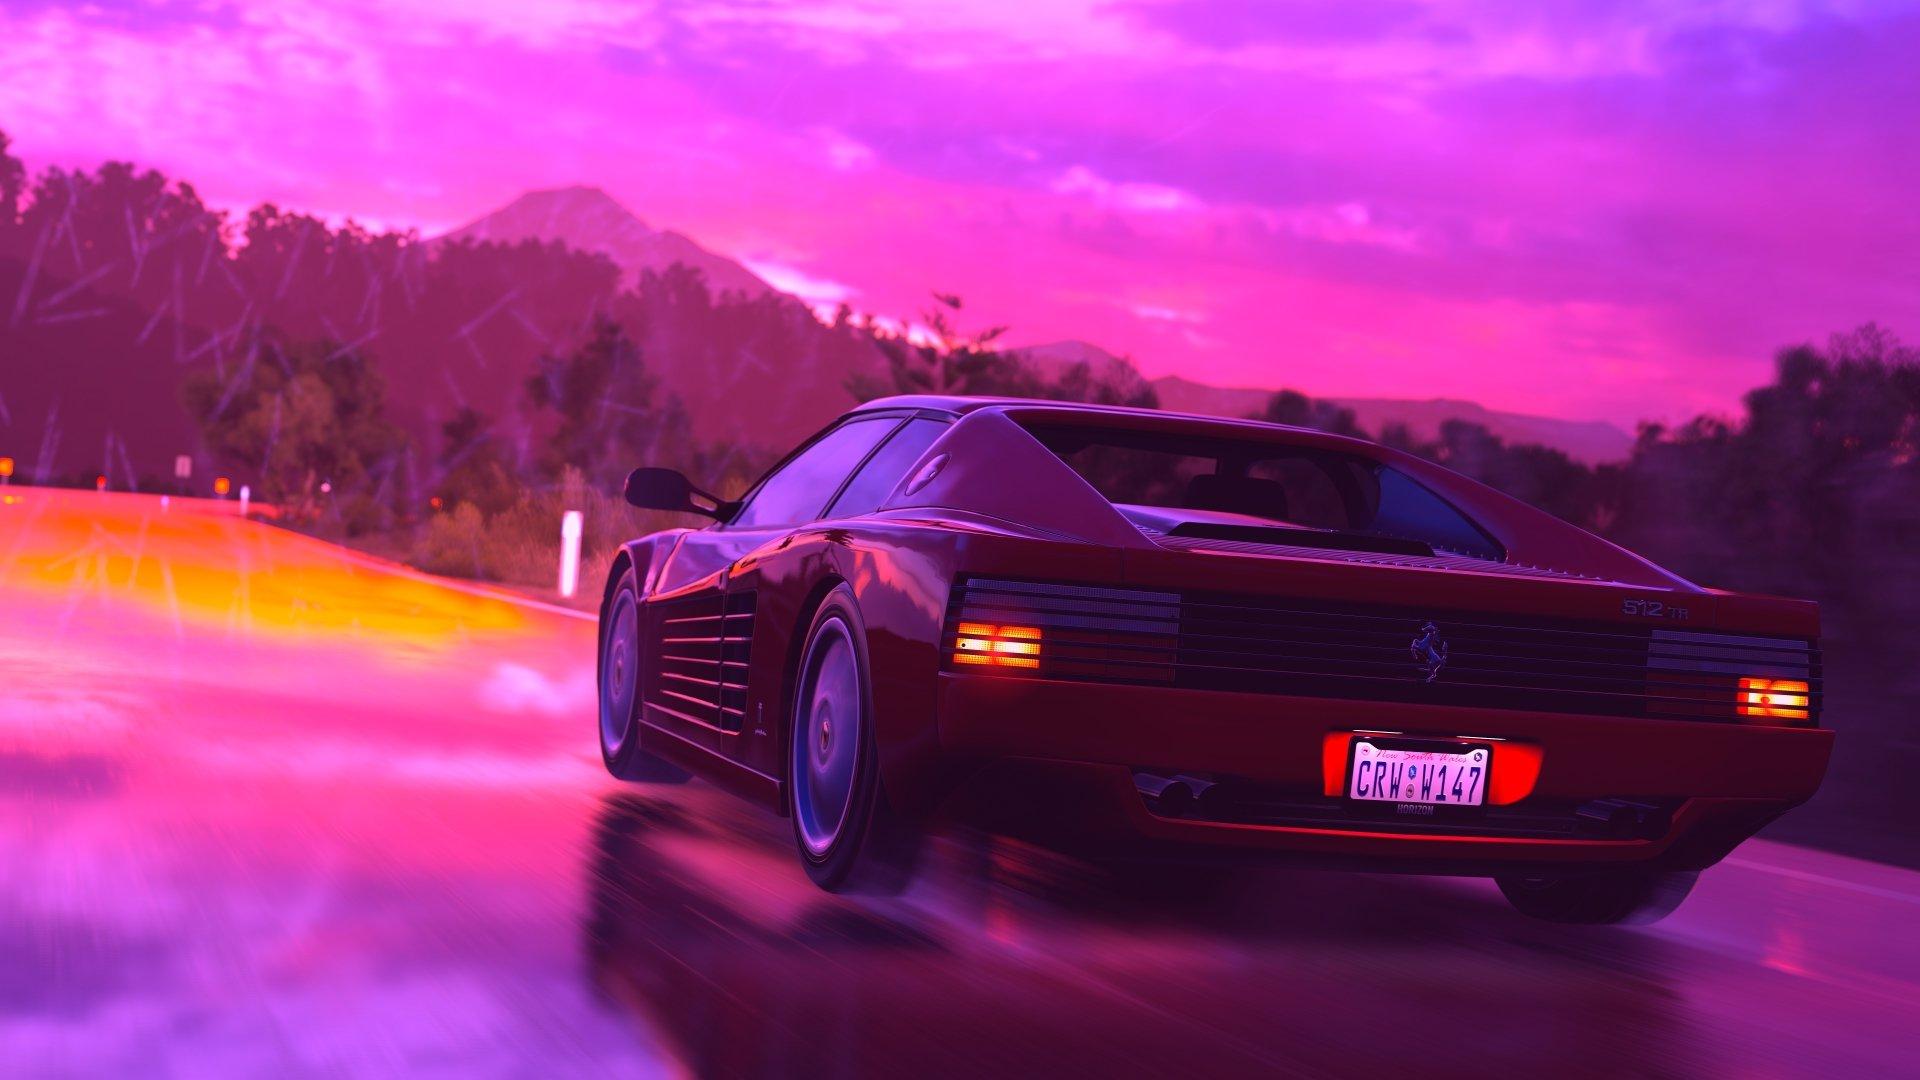 View Ferrari Ulta Hd Wallpaper  PNG